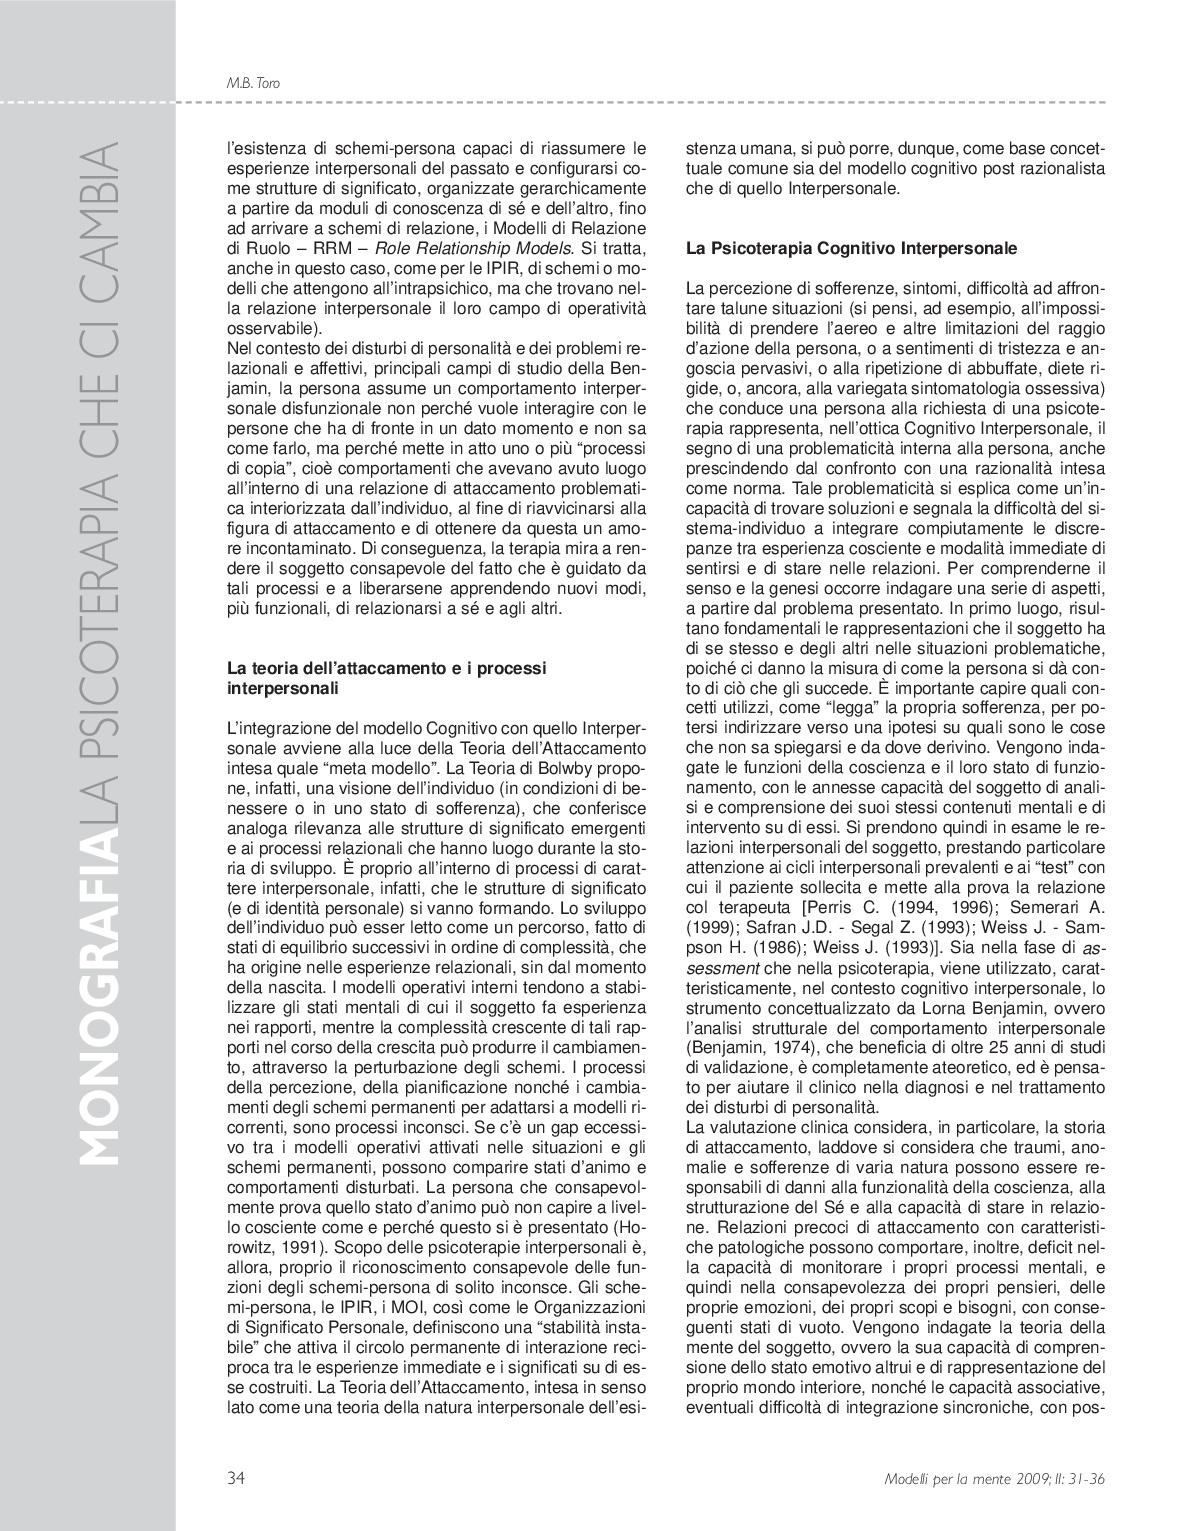 LA-PSICOTERAPIA-COGNITIVO-INTERPERSONALEsmall-004